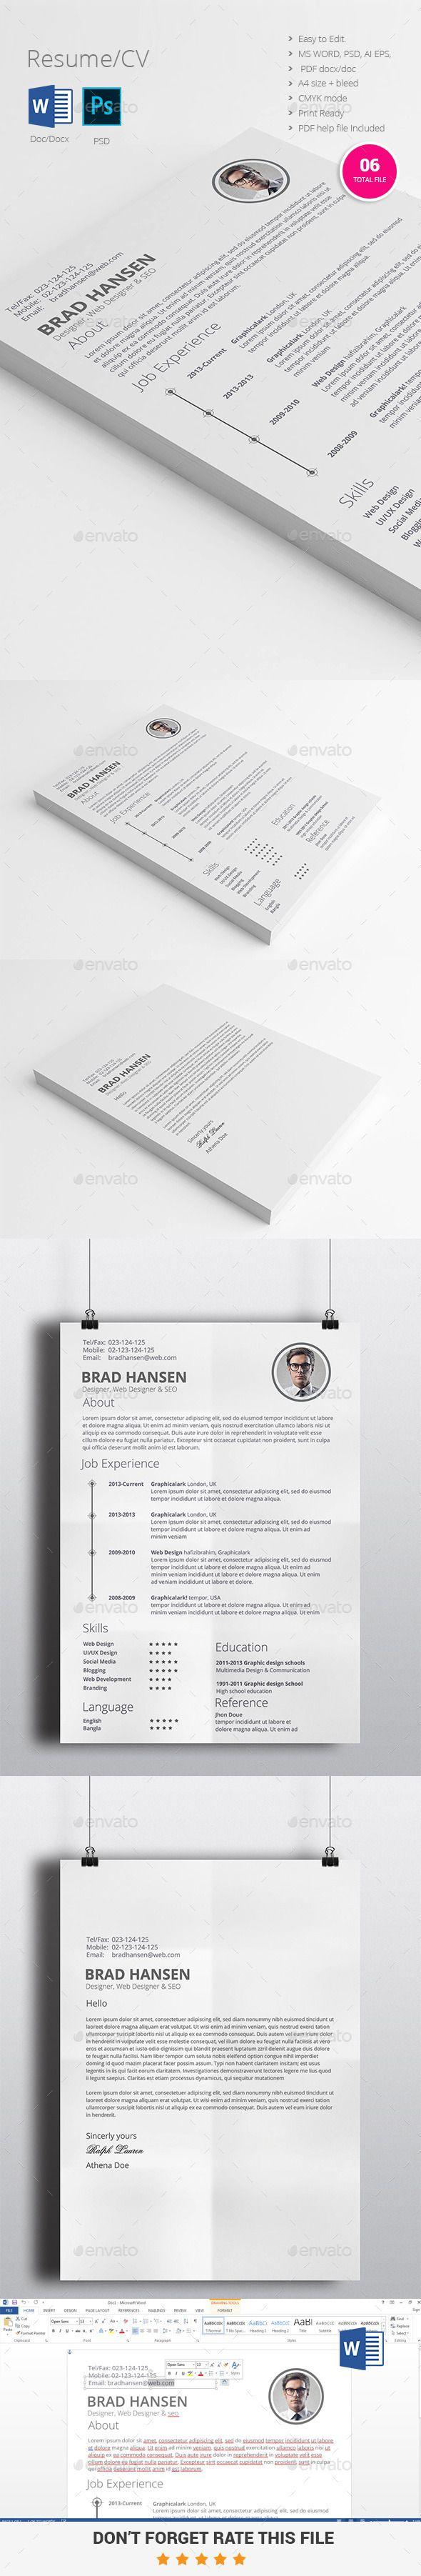 23 best Inkscape images on Pinterest | Resume templates, Cv ...